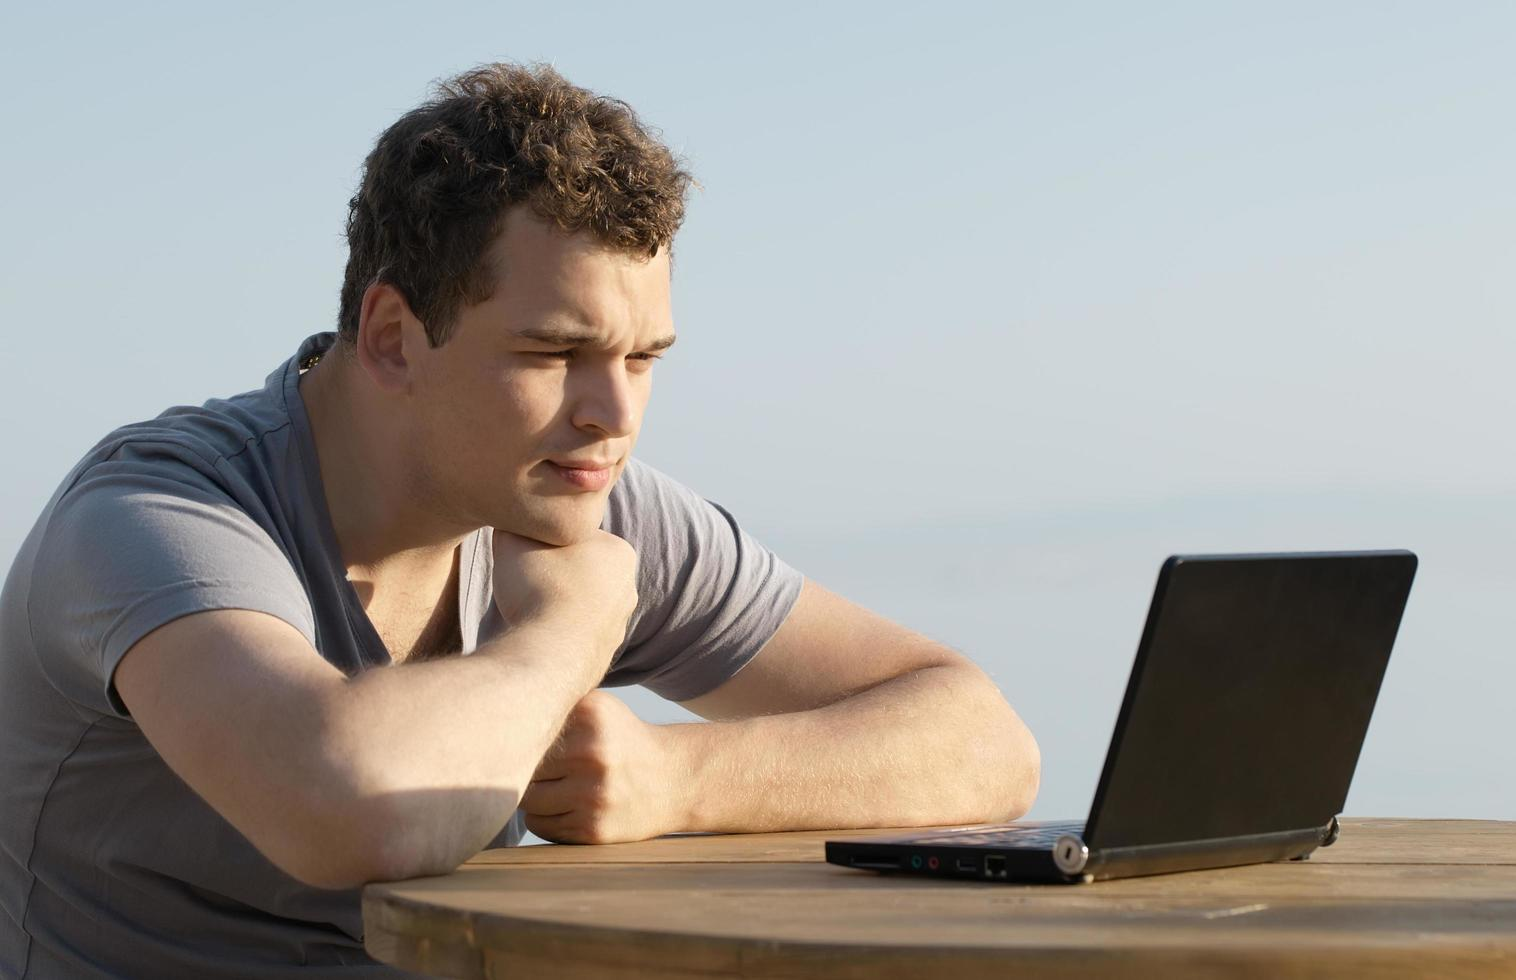 Mann mit einem Laptop draußen foto